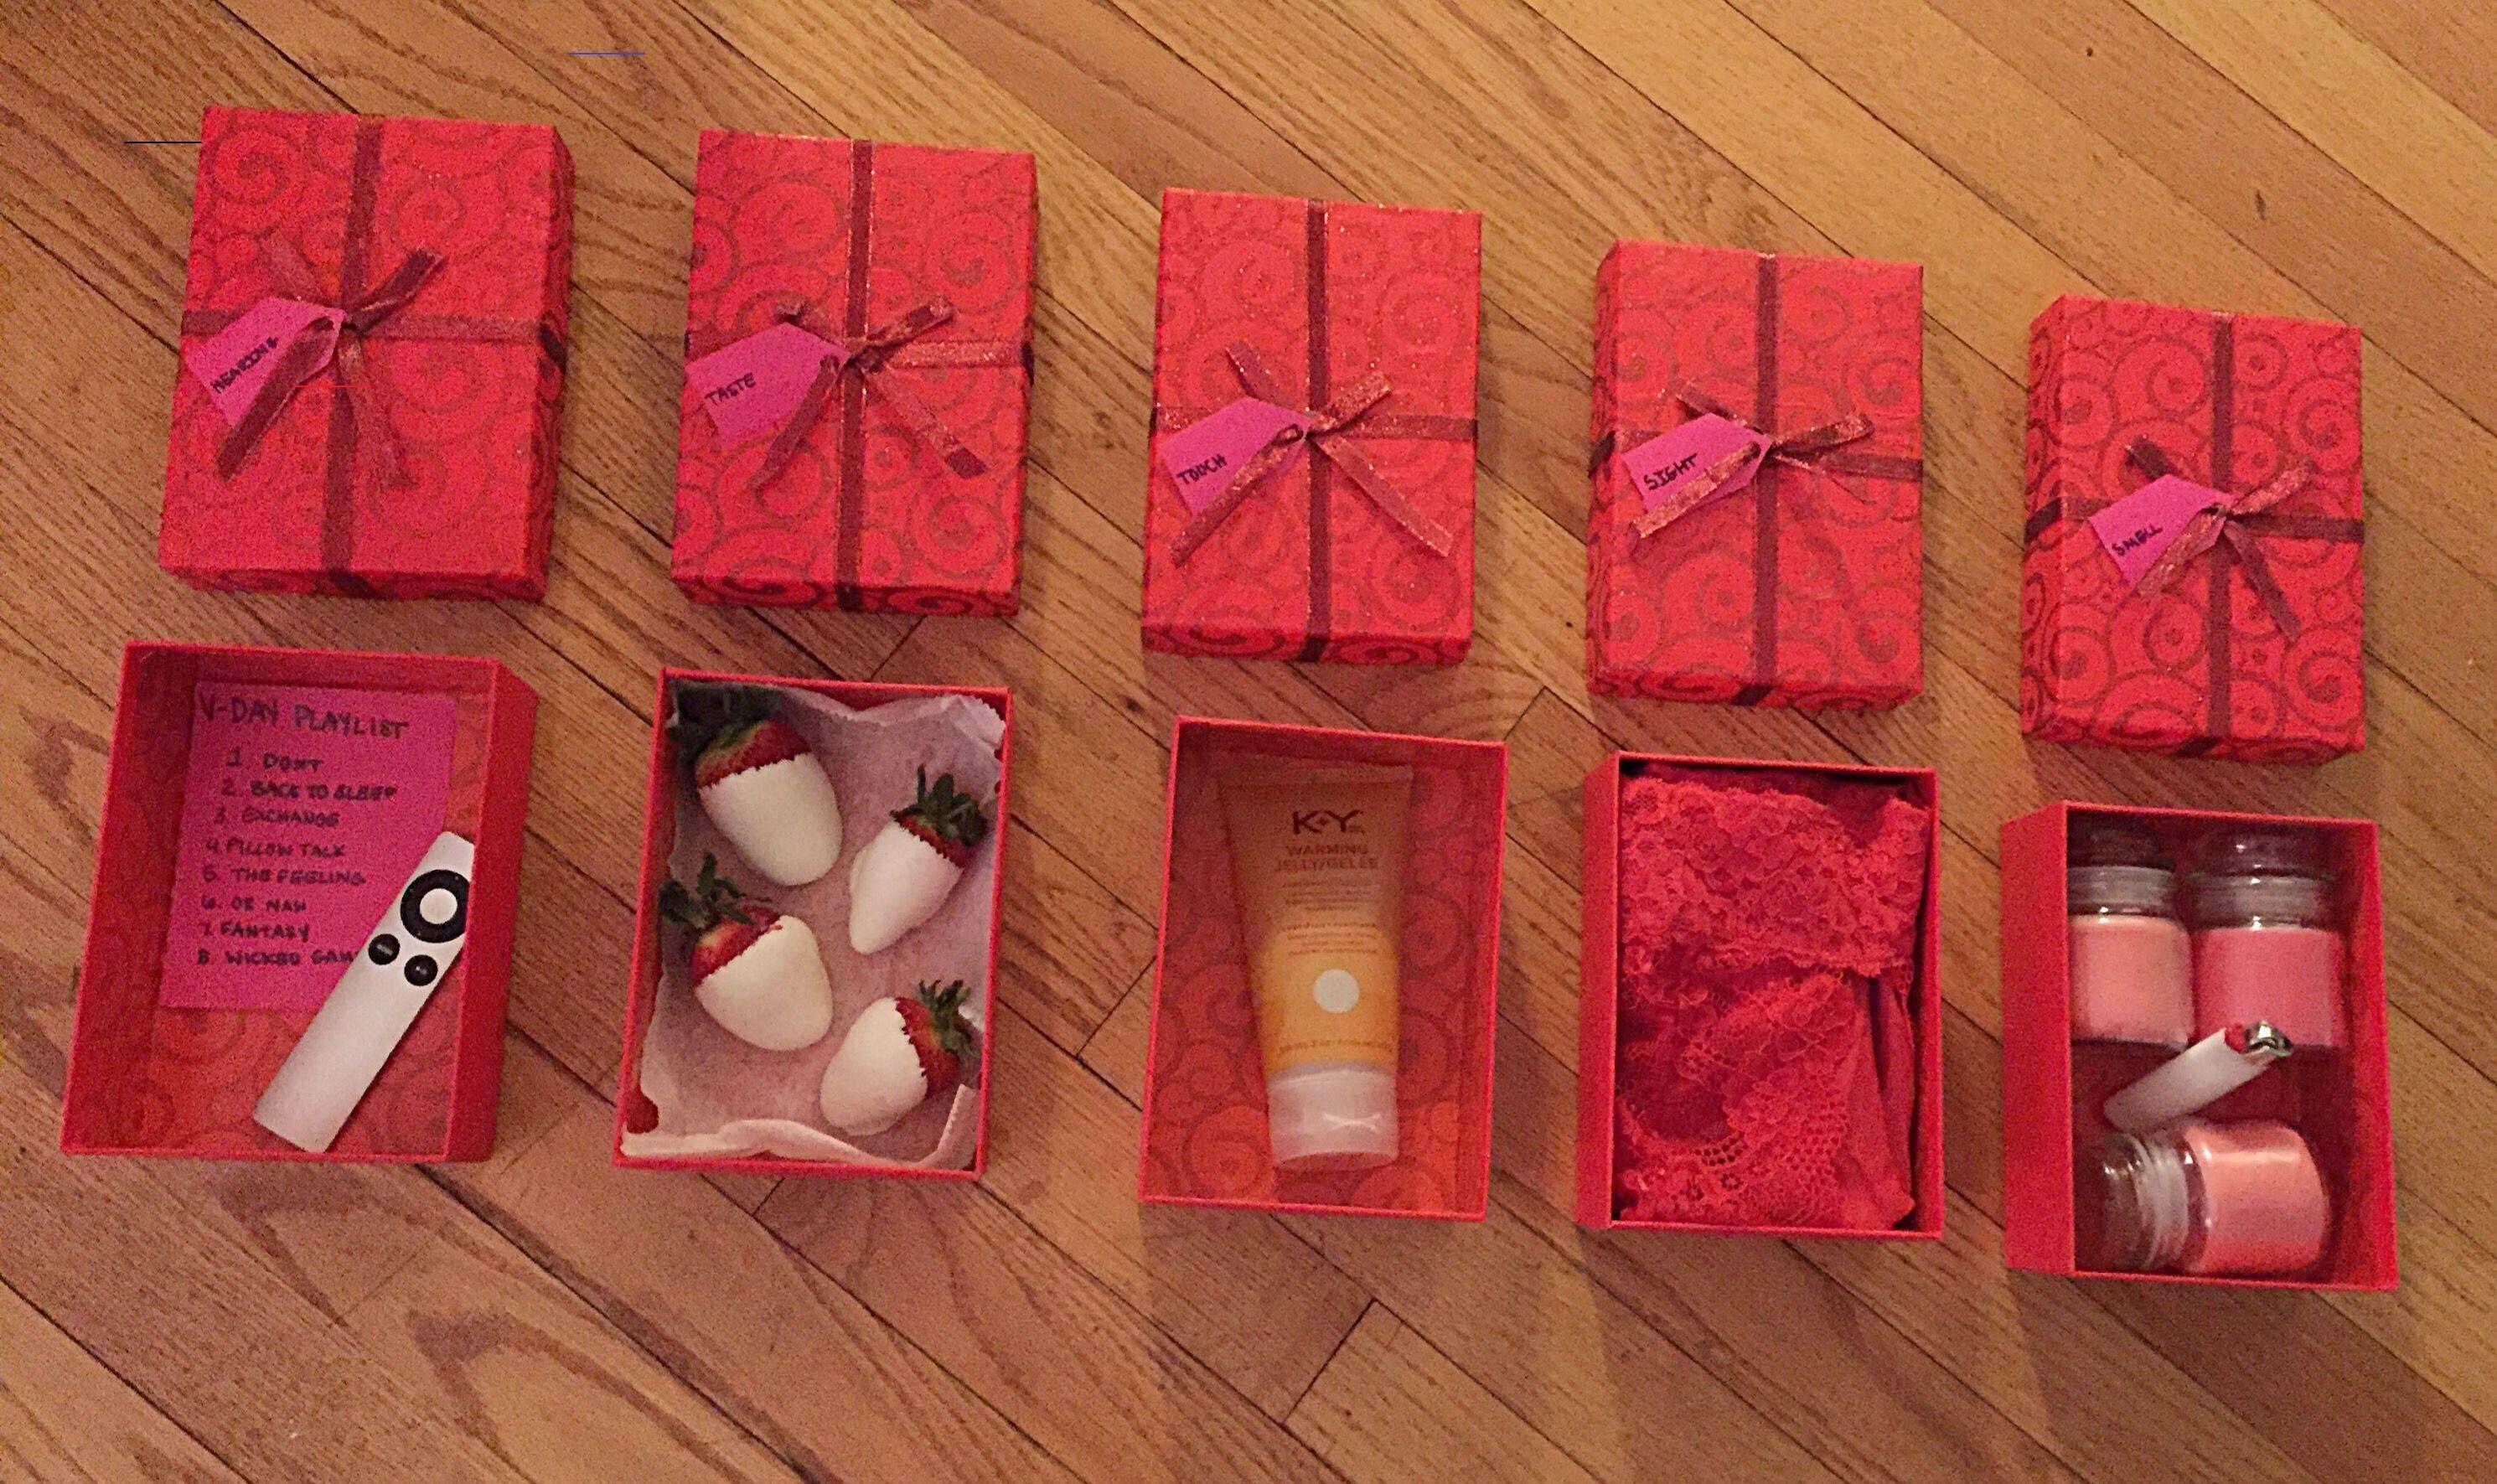 5sensesgiftforboyfriend in 2020 Diy valentines gifts